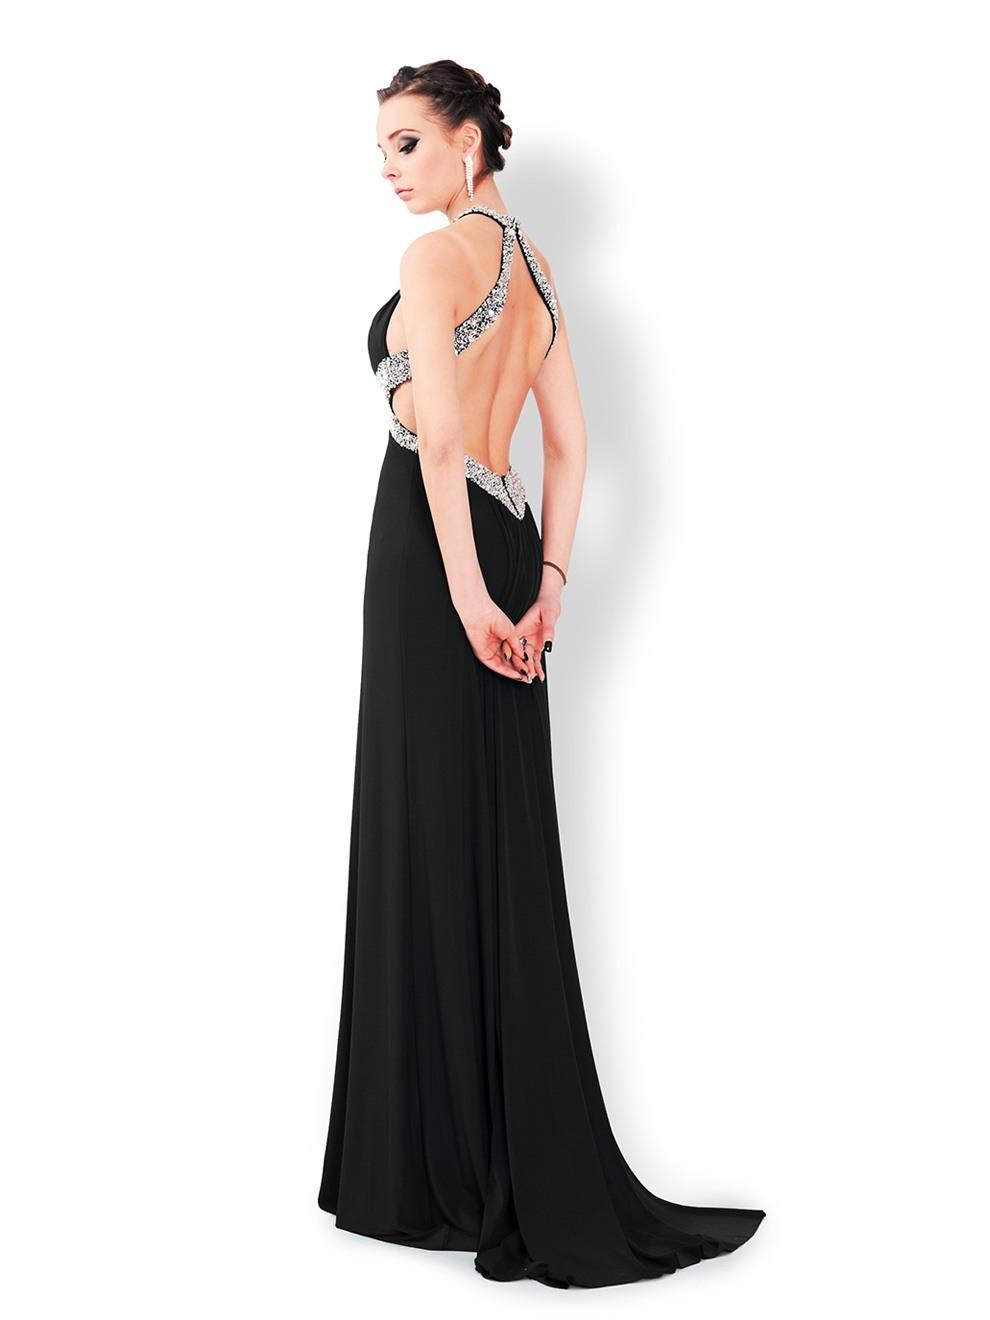 Designer Ausgezeichnet Wo Abendkleider Online Kaufen Vertrieb20 Luxus Wo Abendkleider Online Kaufen Galerie